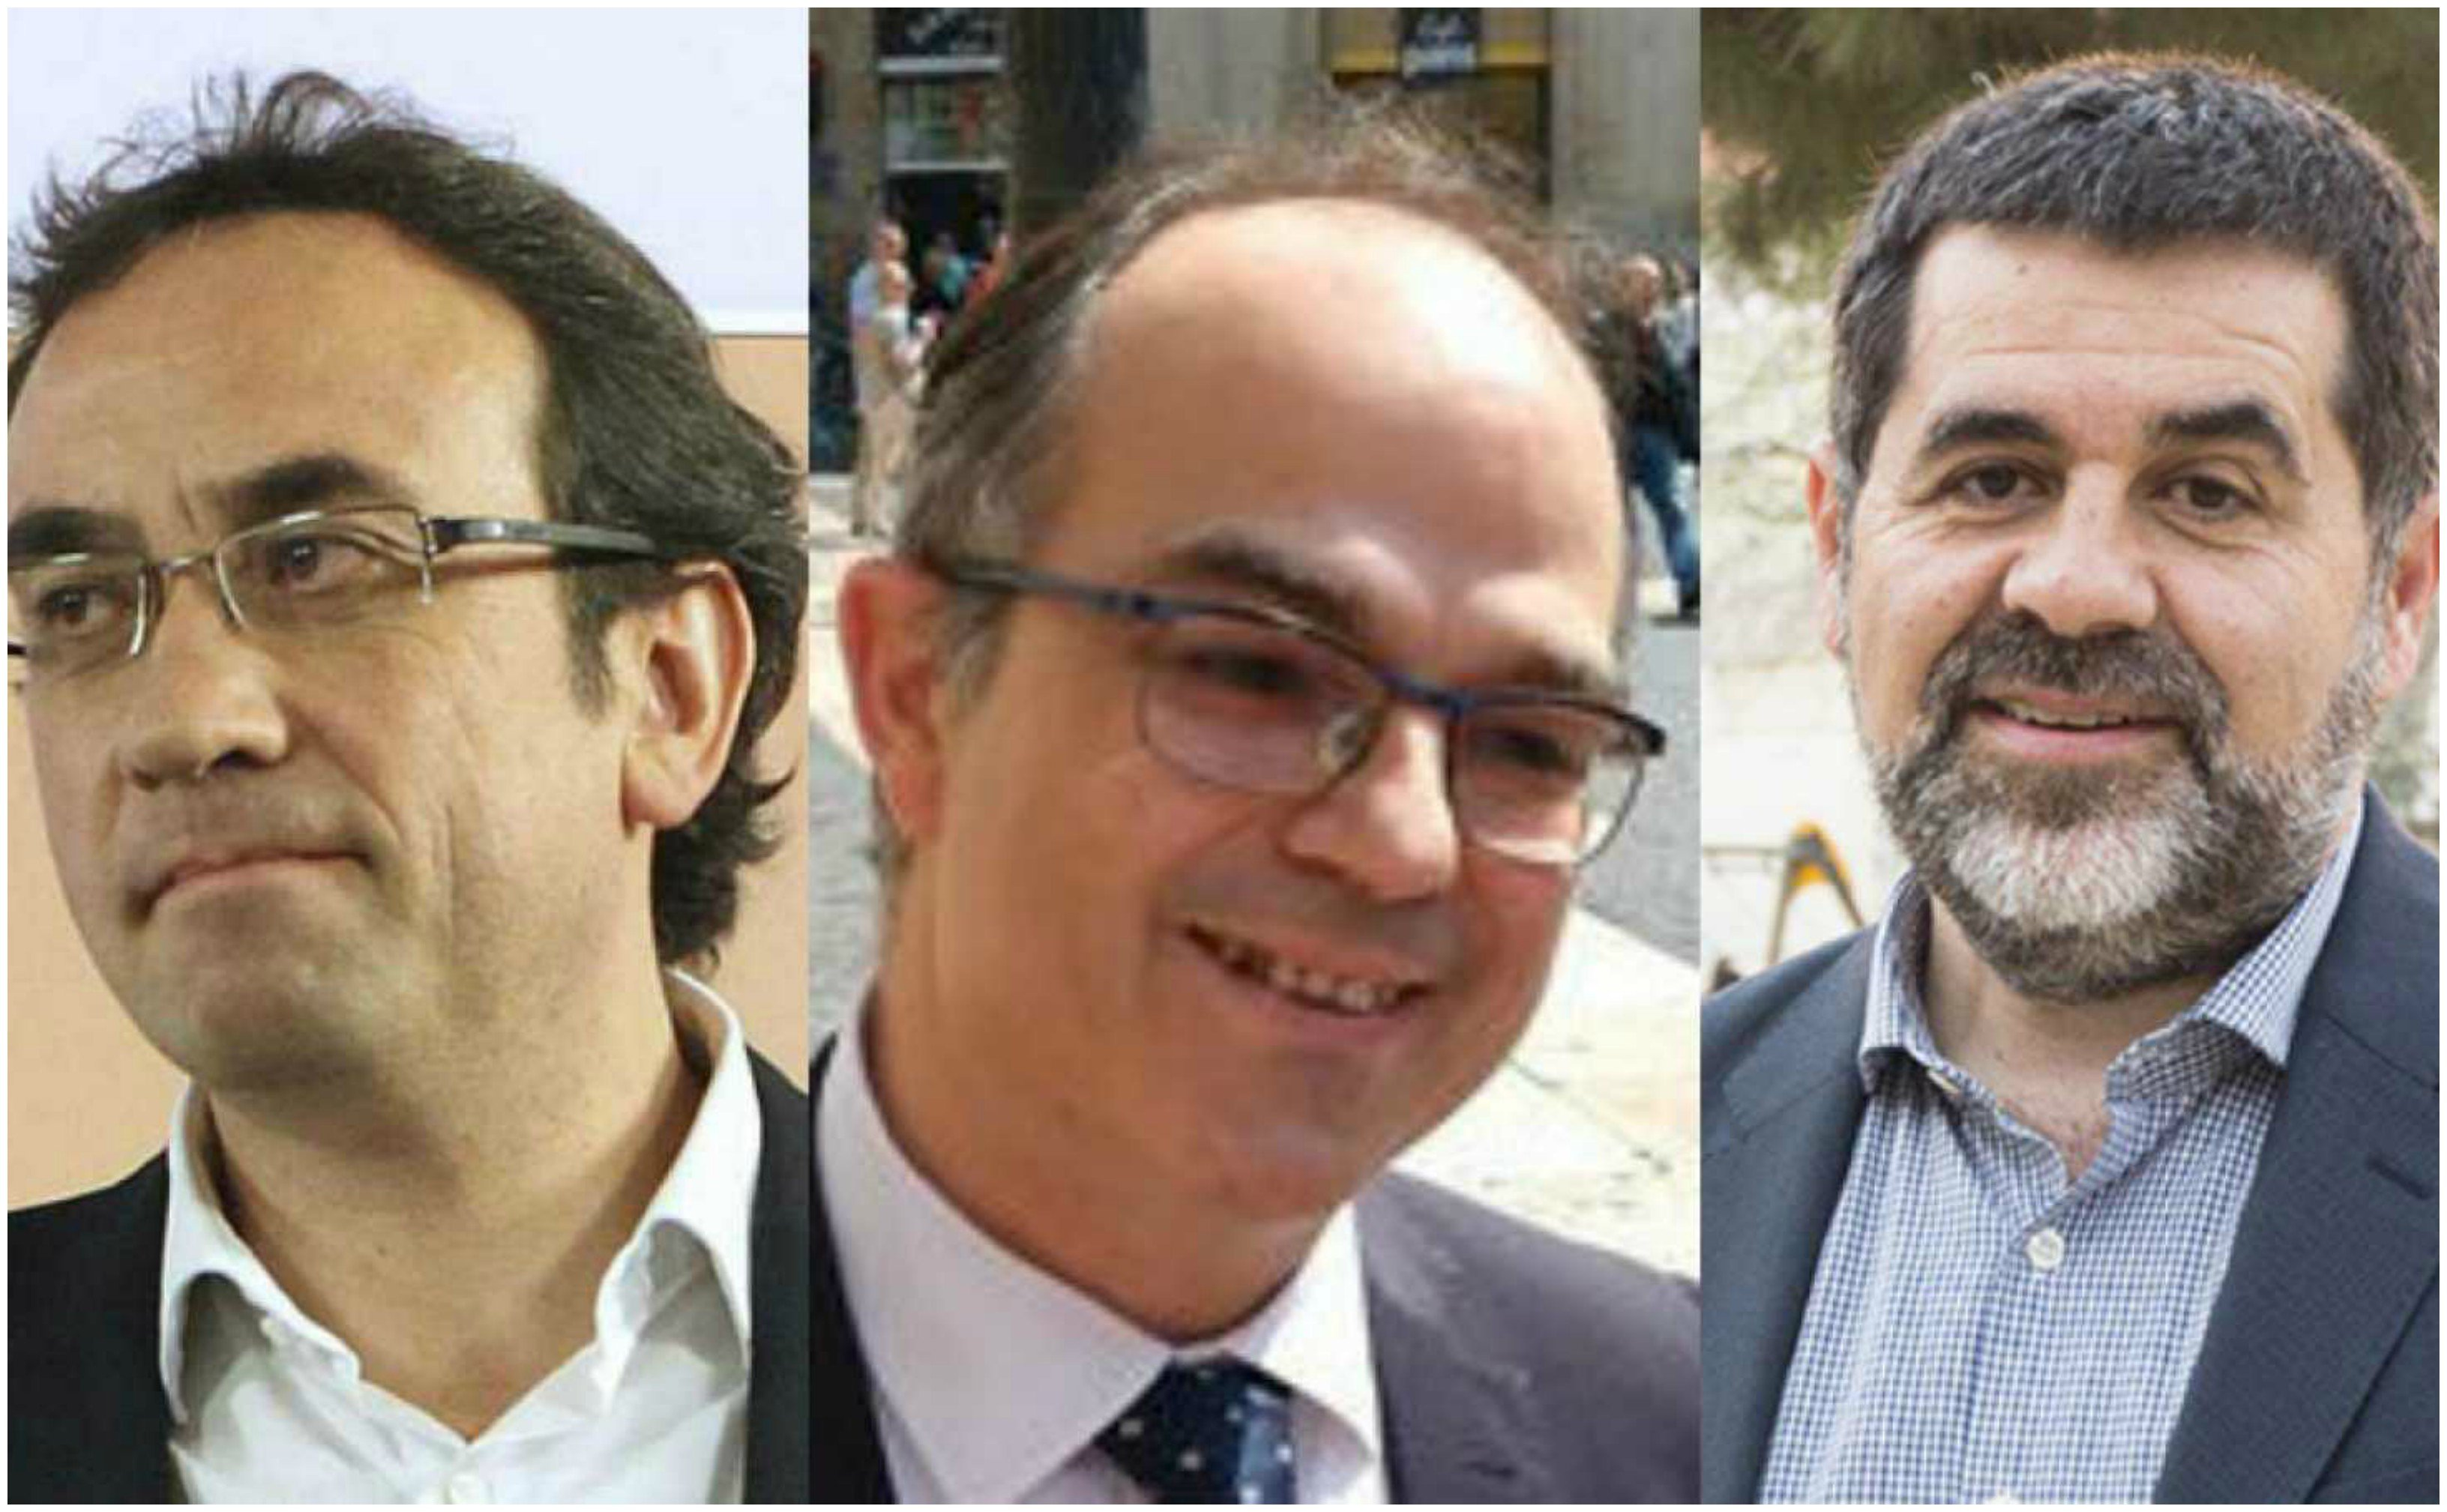 Las aventuras de Sánchez, Rull y Turull: vuelven a pedir al Tribunal Constitucional su libertad … el Covid-19 anula su riesgo de fuga